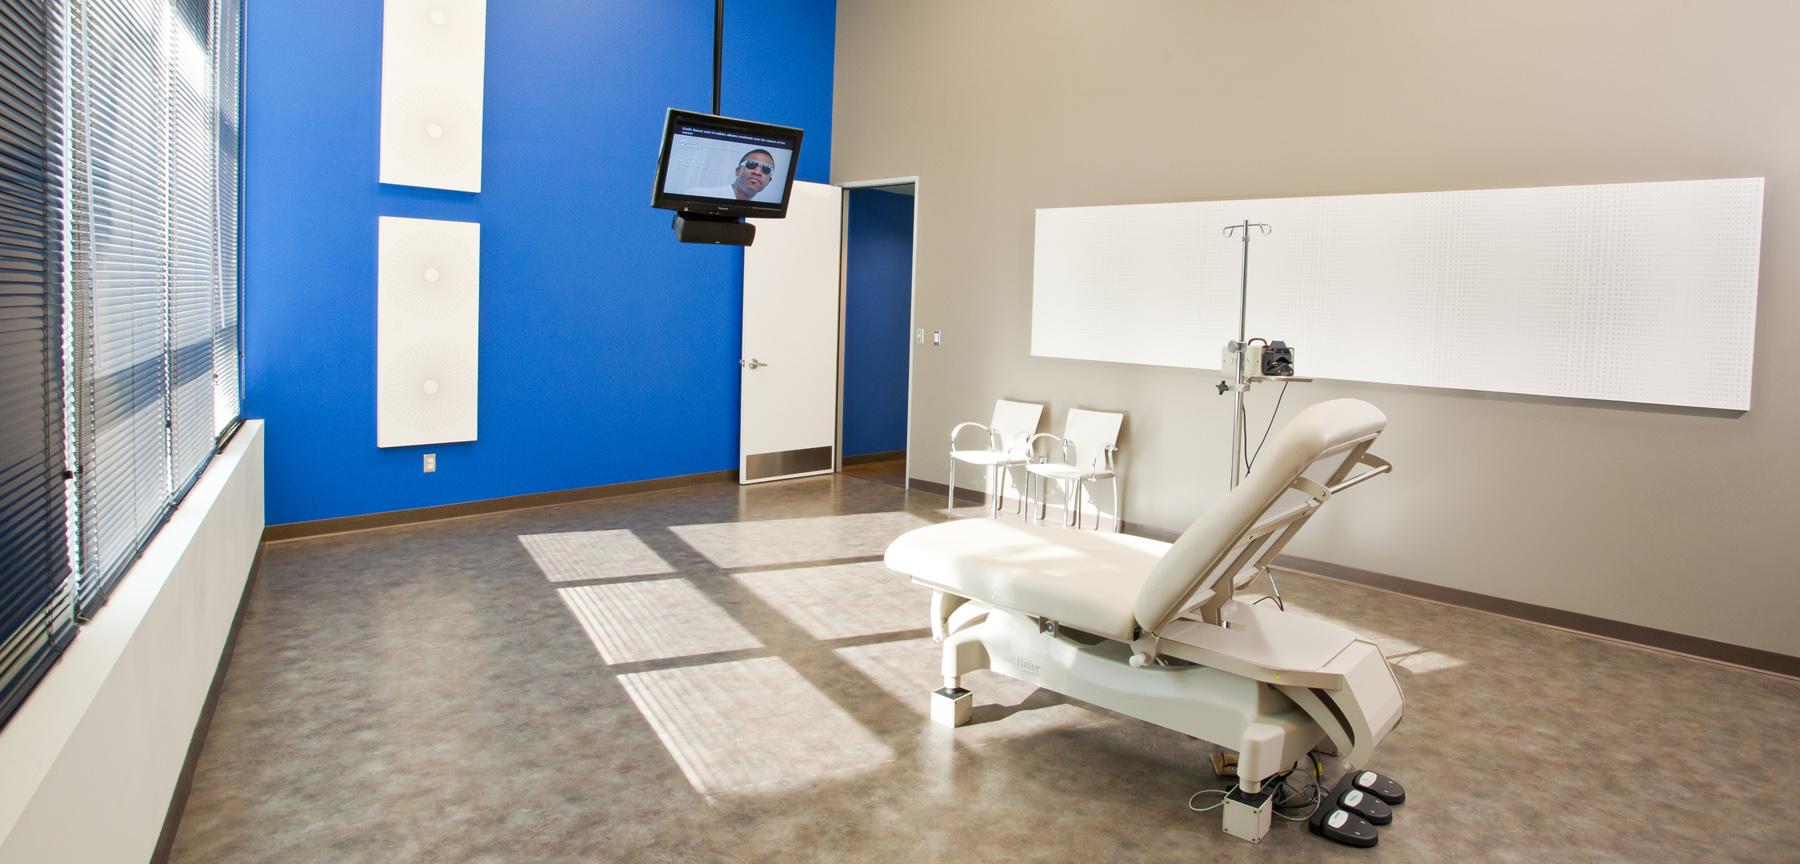 Vein Care Institute operating room